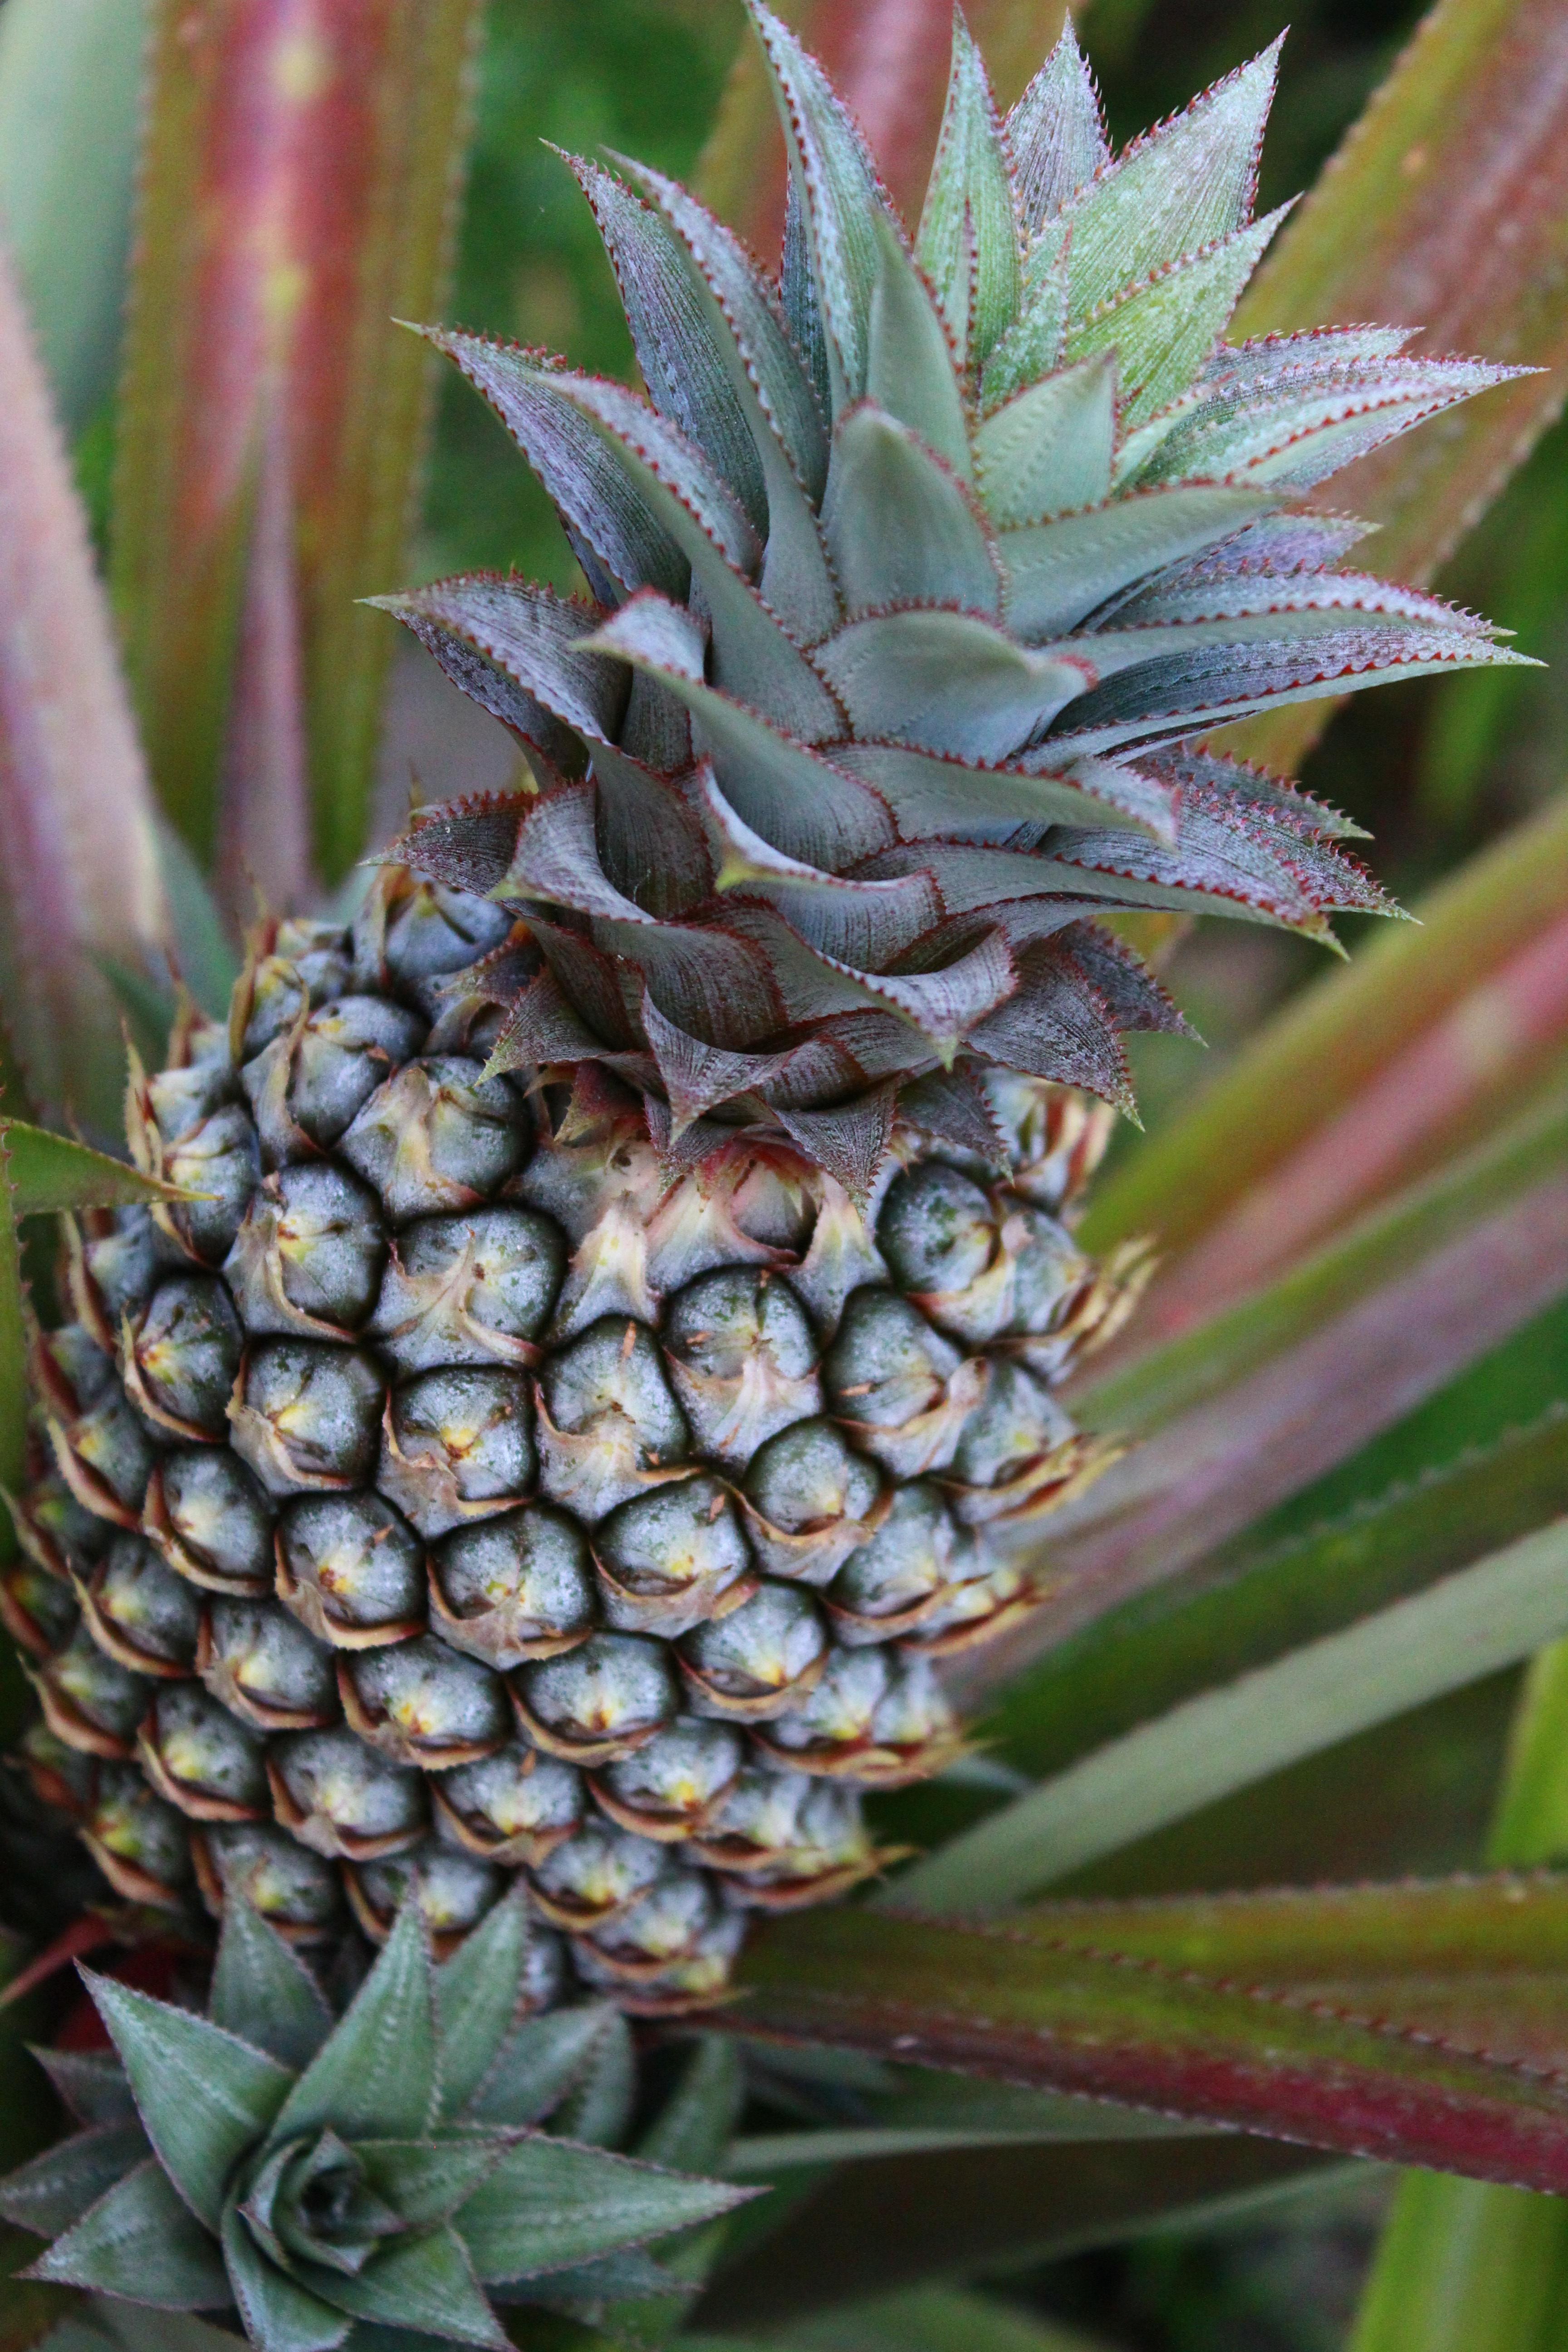 Free Images Tree Fruit Flower Food Produce Botany